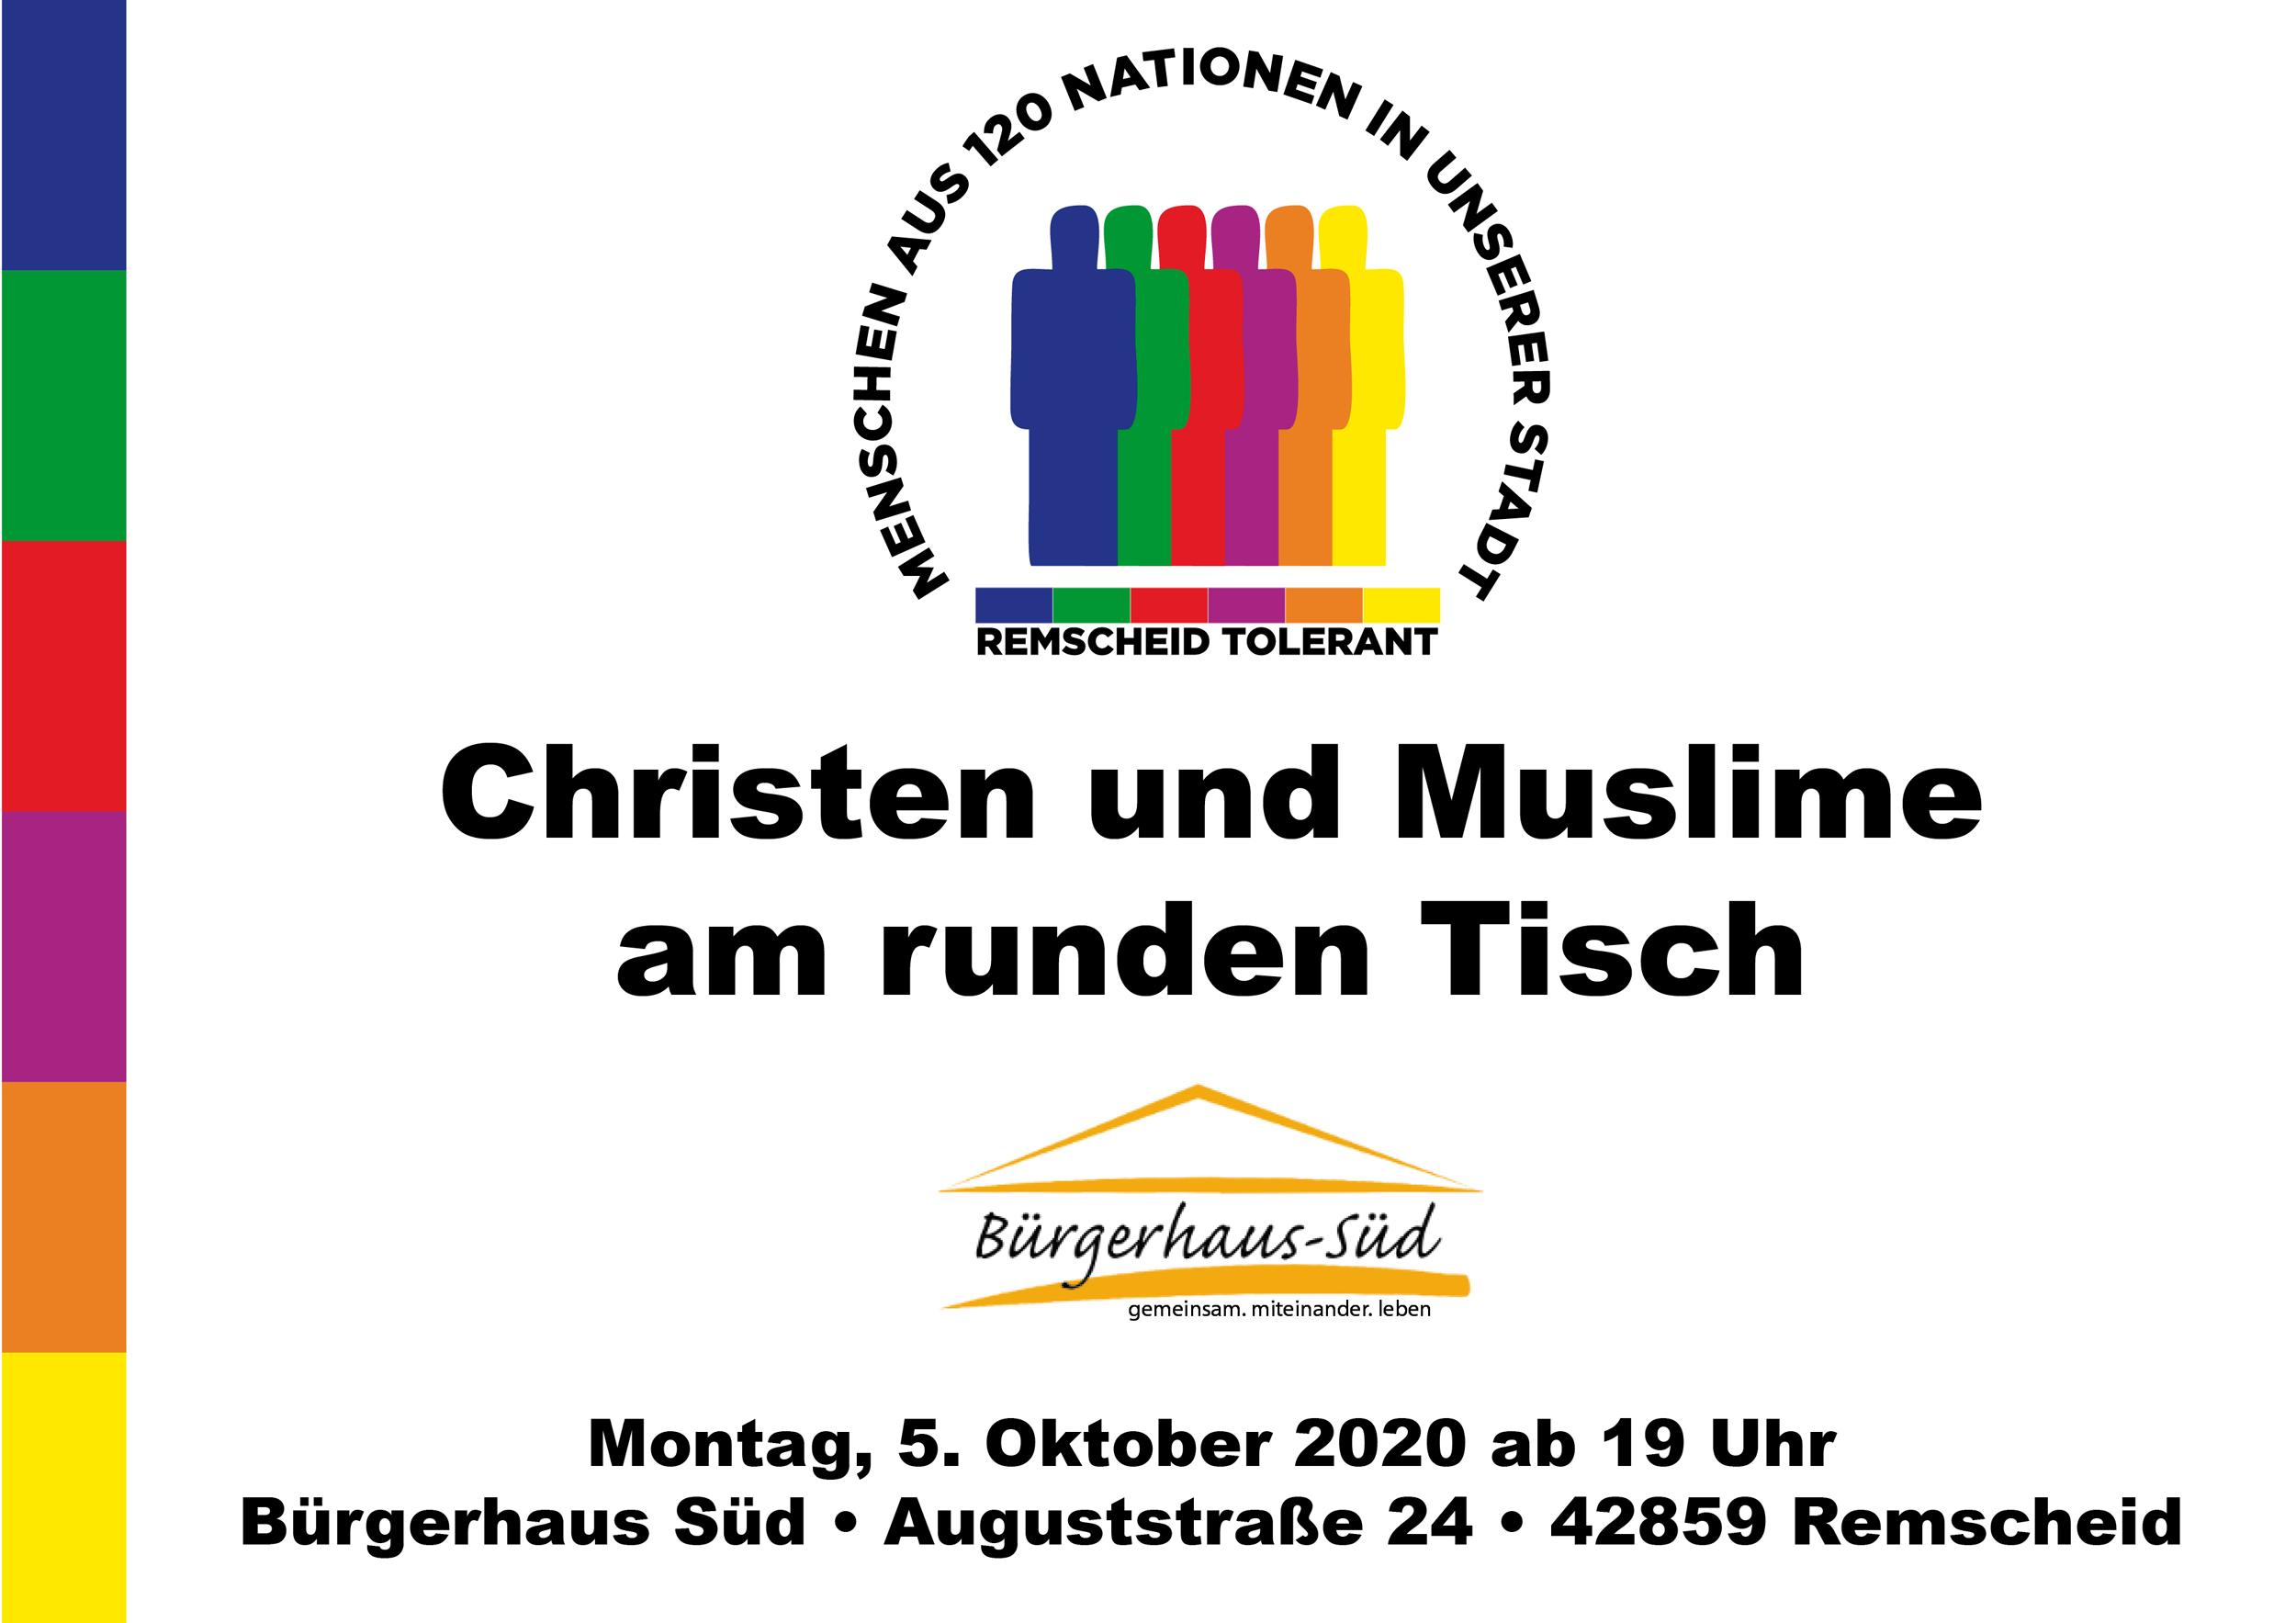 Christen und Muslime am runden Tisch: Am 5. Oktober 2020 ab 19 Uhr im Bürgerhaus-Süd.